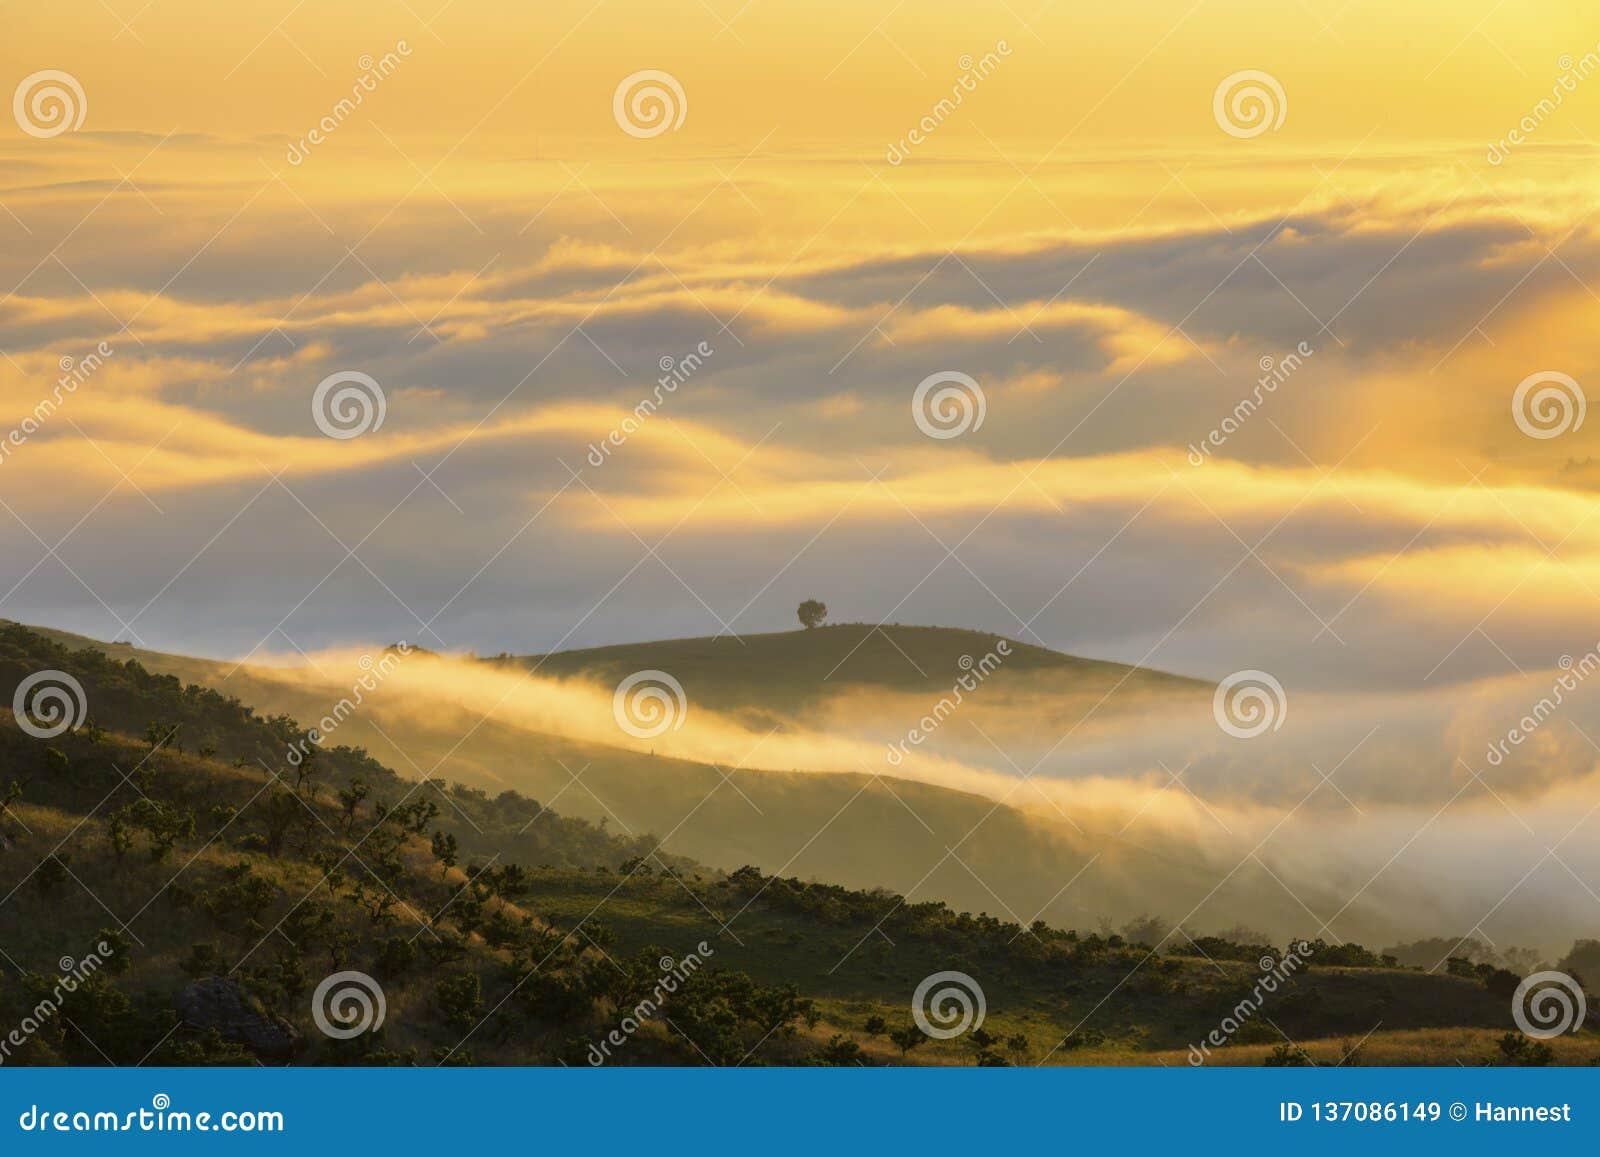 Låga moln gulnar kulört på soluppgång